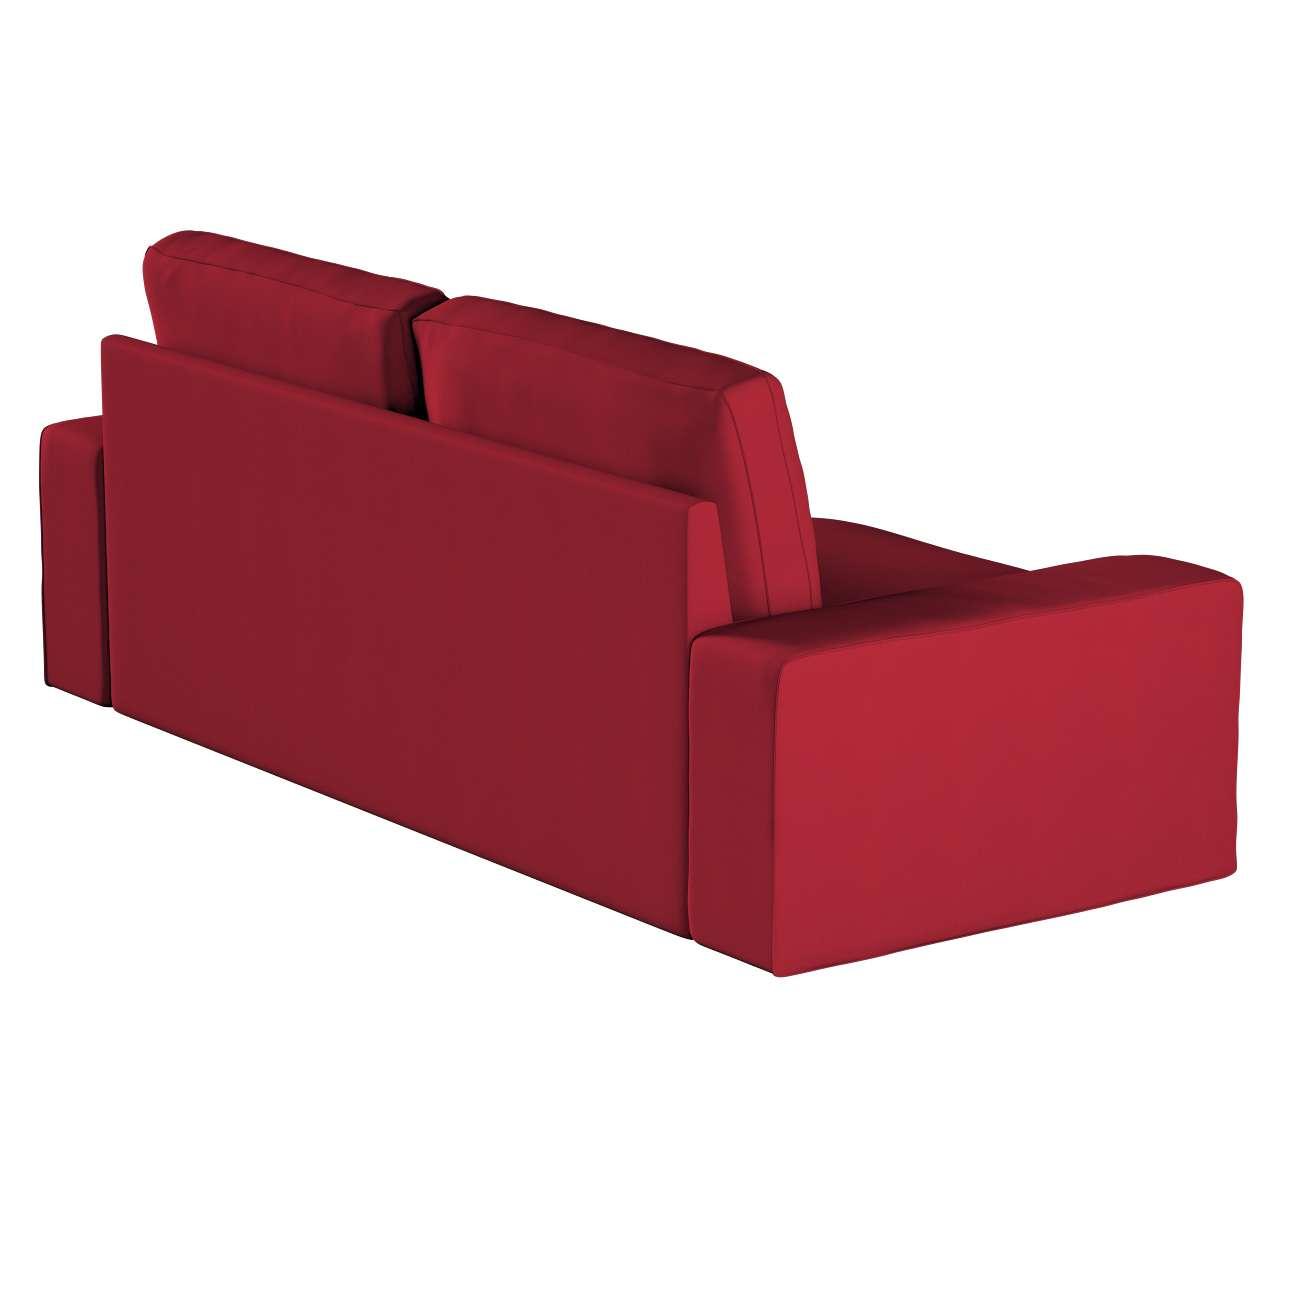 Pokrowiec na sofę Kivik 3-osobową, rozkładaną w kolekcji Chenille, tkanina: 702-24